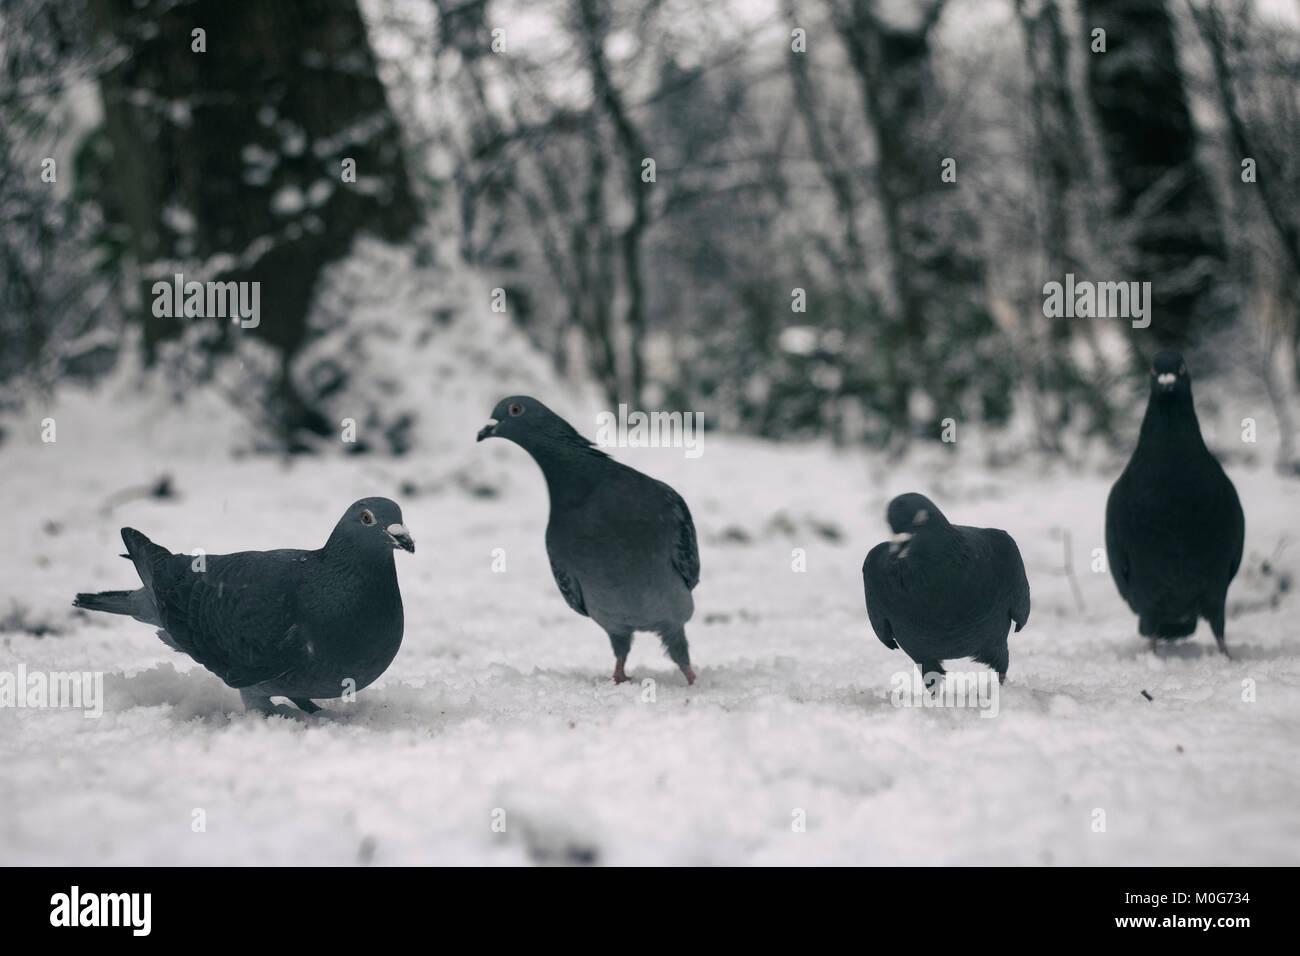 The bird gang - Stock Image